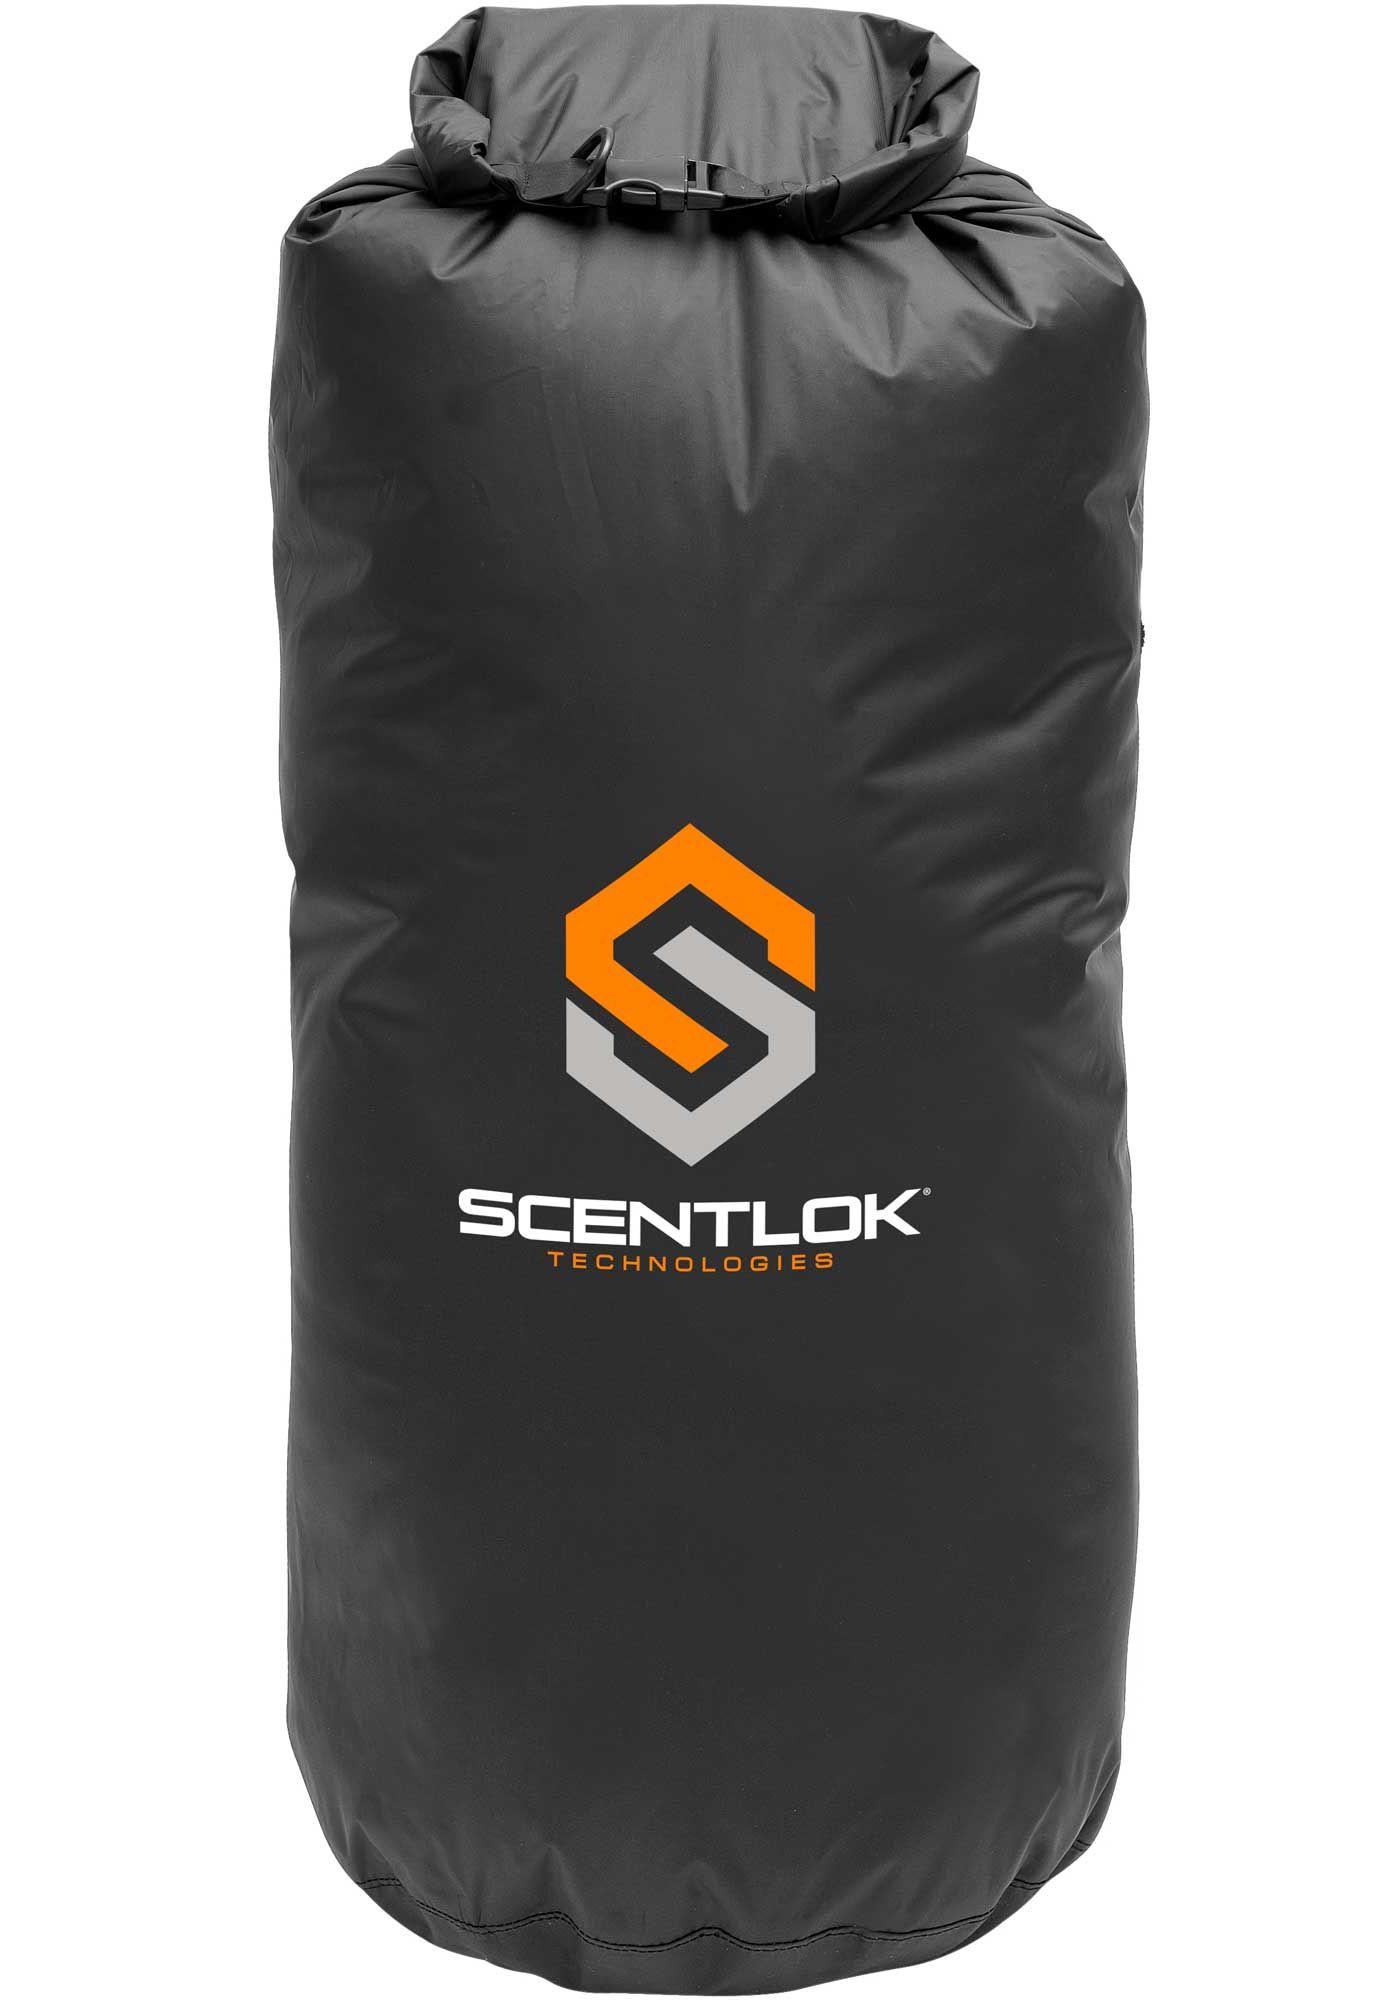 ScentLok Atom Airtight Bag